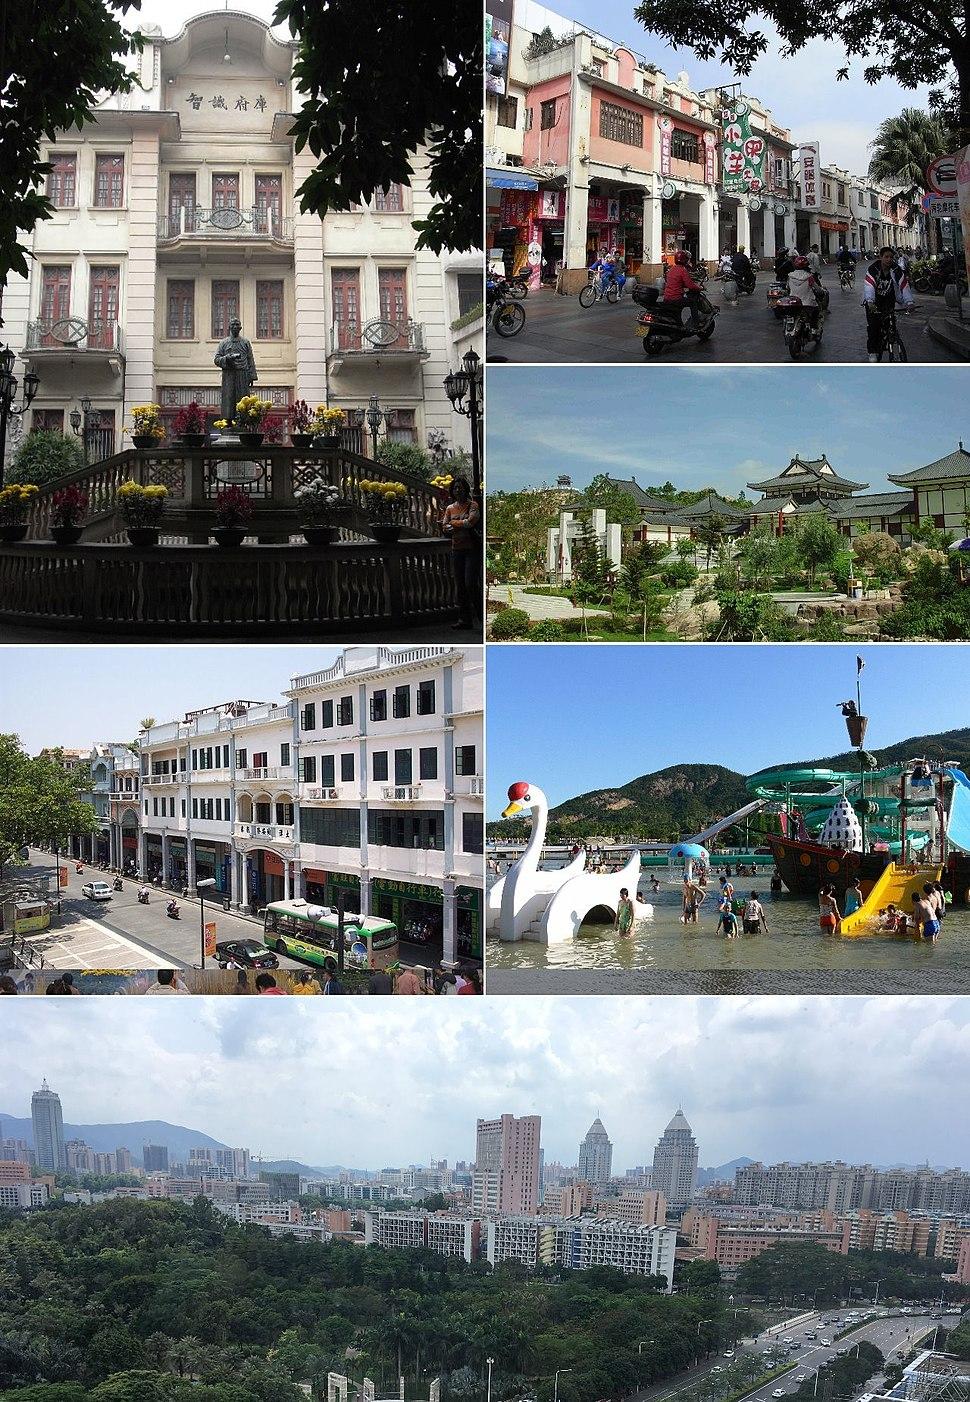 Clockwise from top right: Renshou Lu, Gudou Hotspring Resort, Xinhui Confucian Temple, Changdi Lu, & Jingtang Library